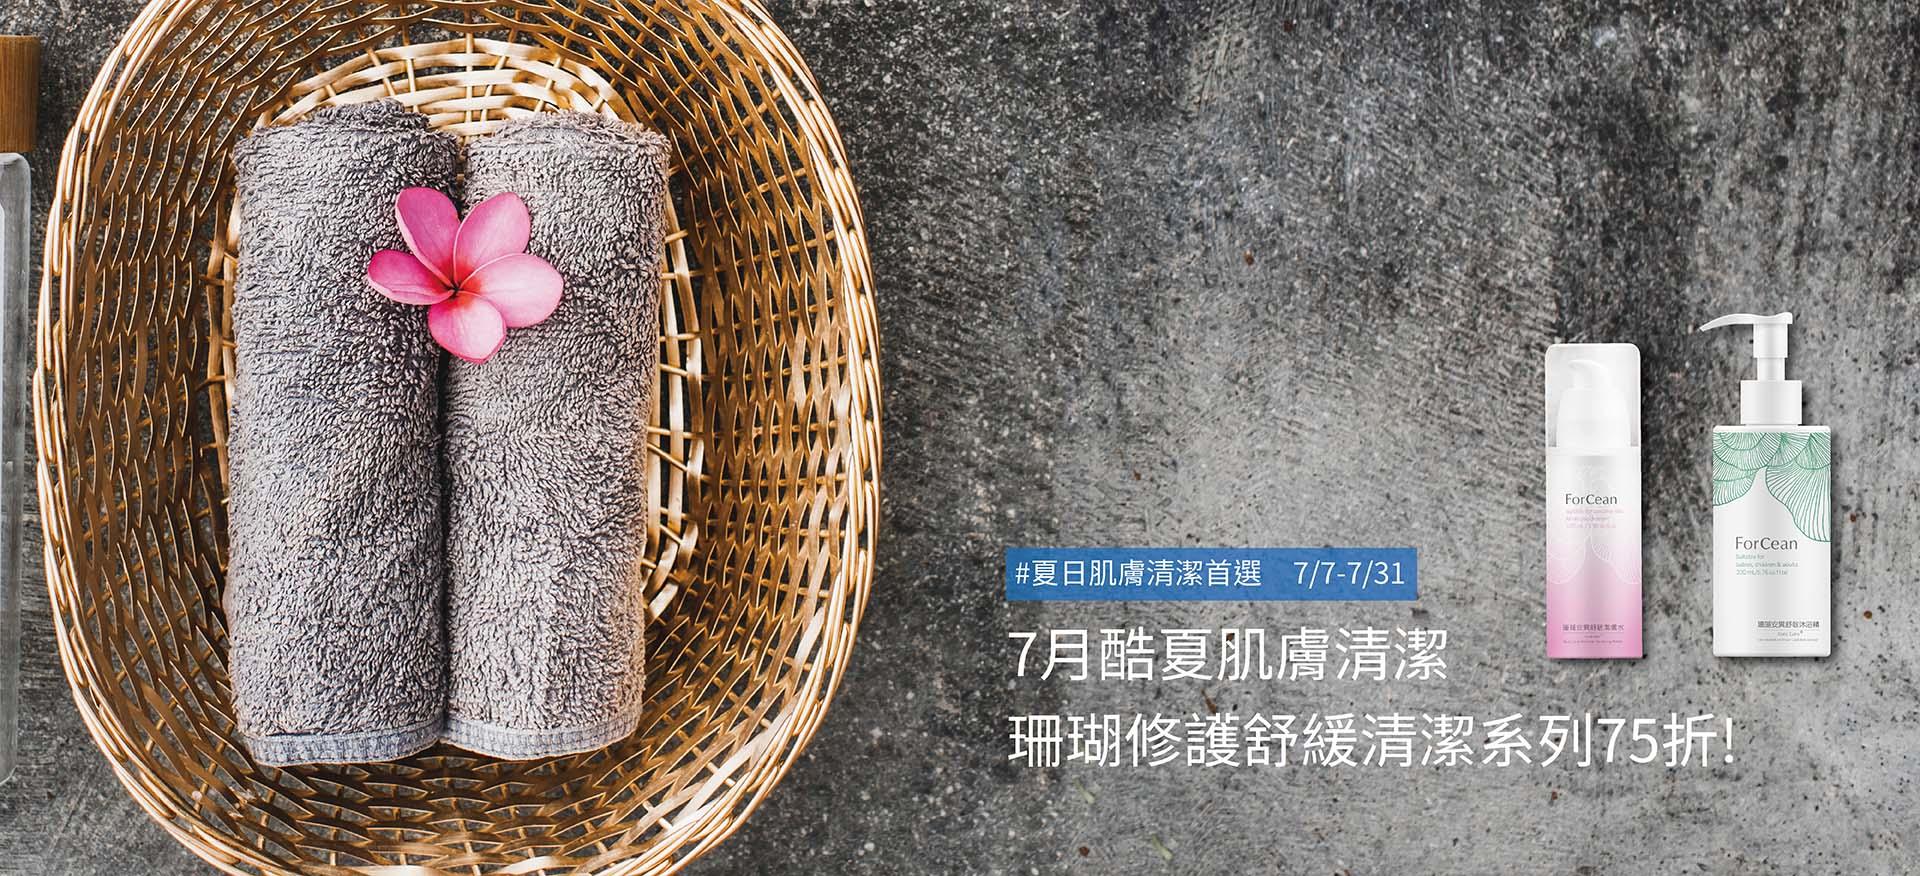 【7月酷夏肌膚清潔】珊瑚修護舒緩清潔系列75折!